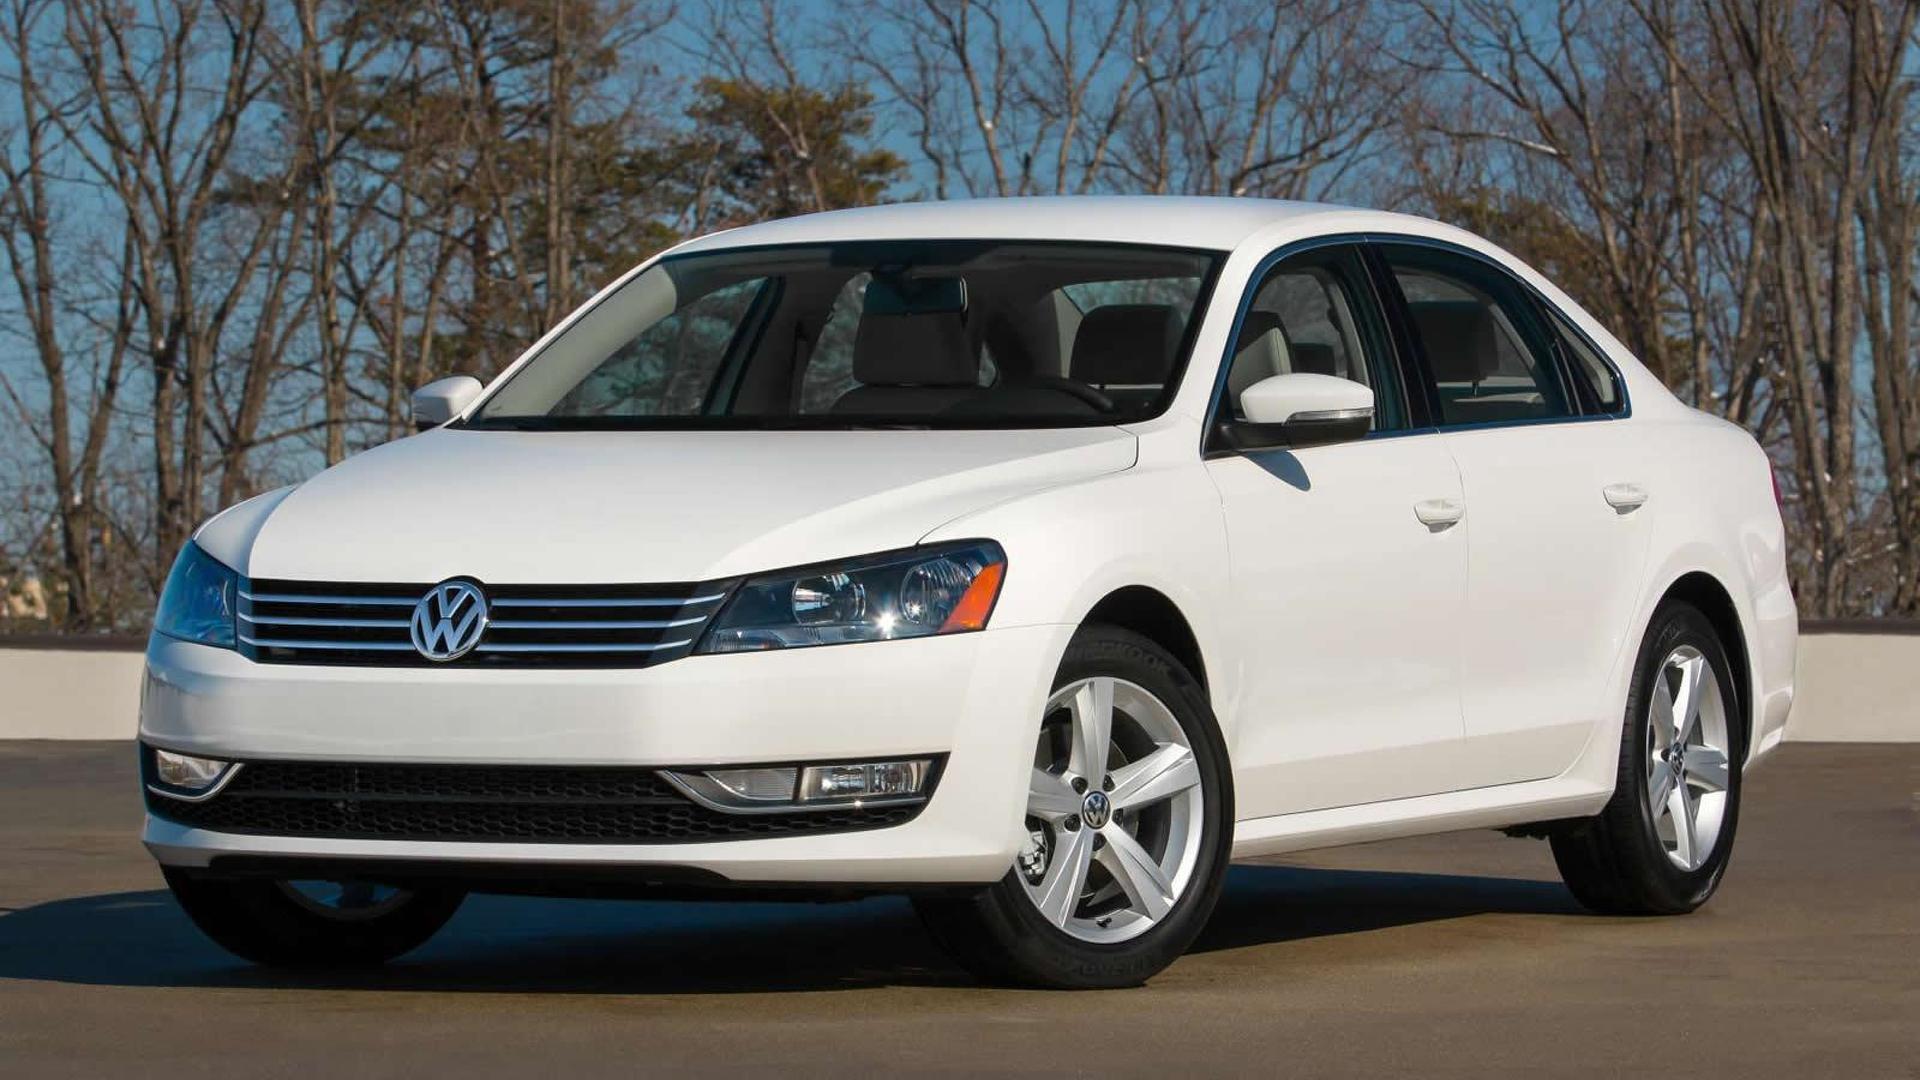 Volkswagen Passat B7 Limited Edition